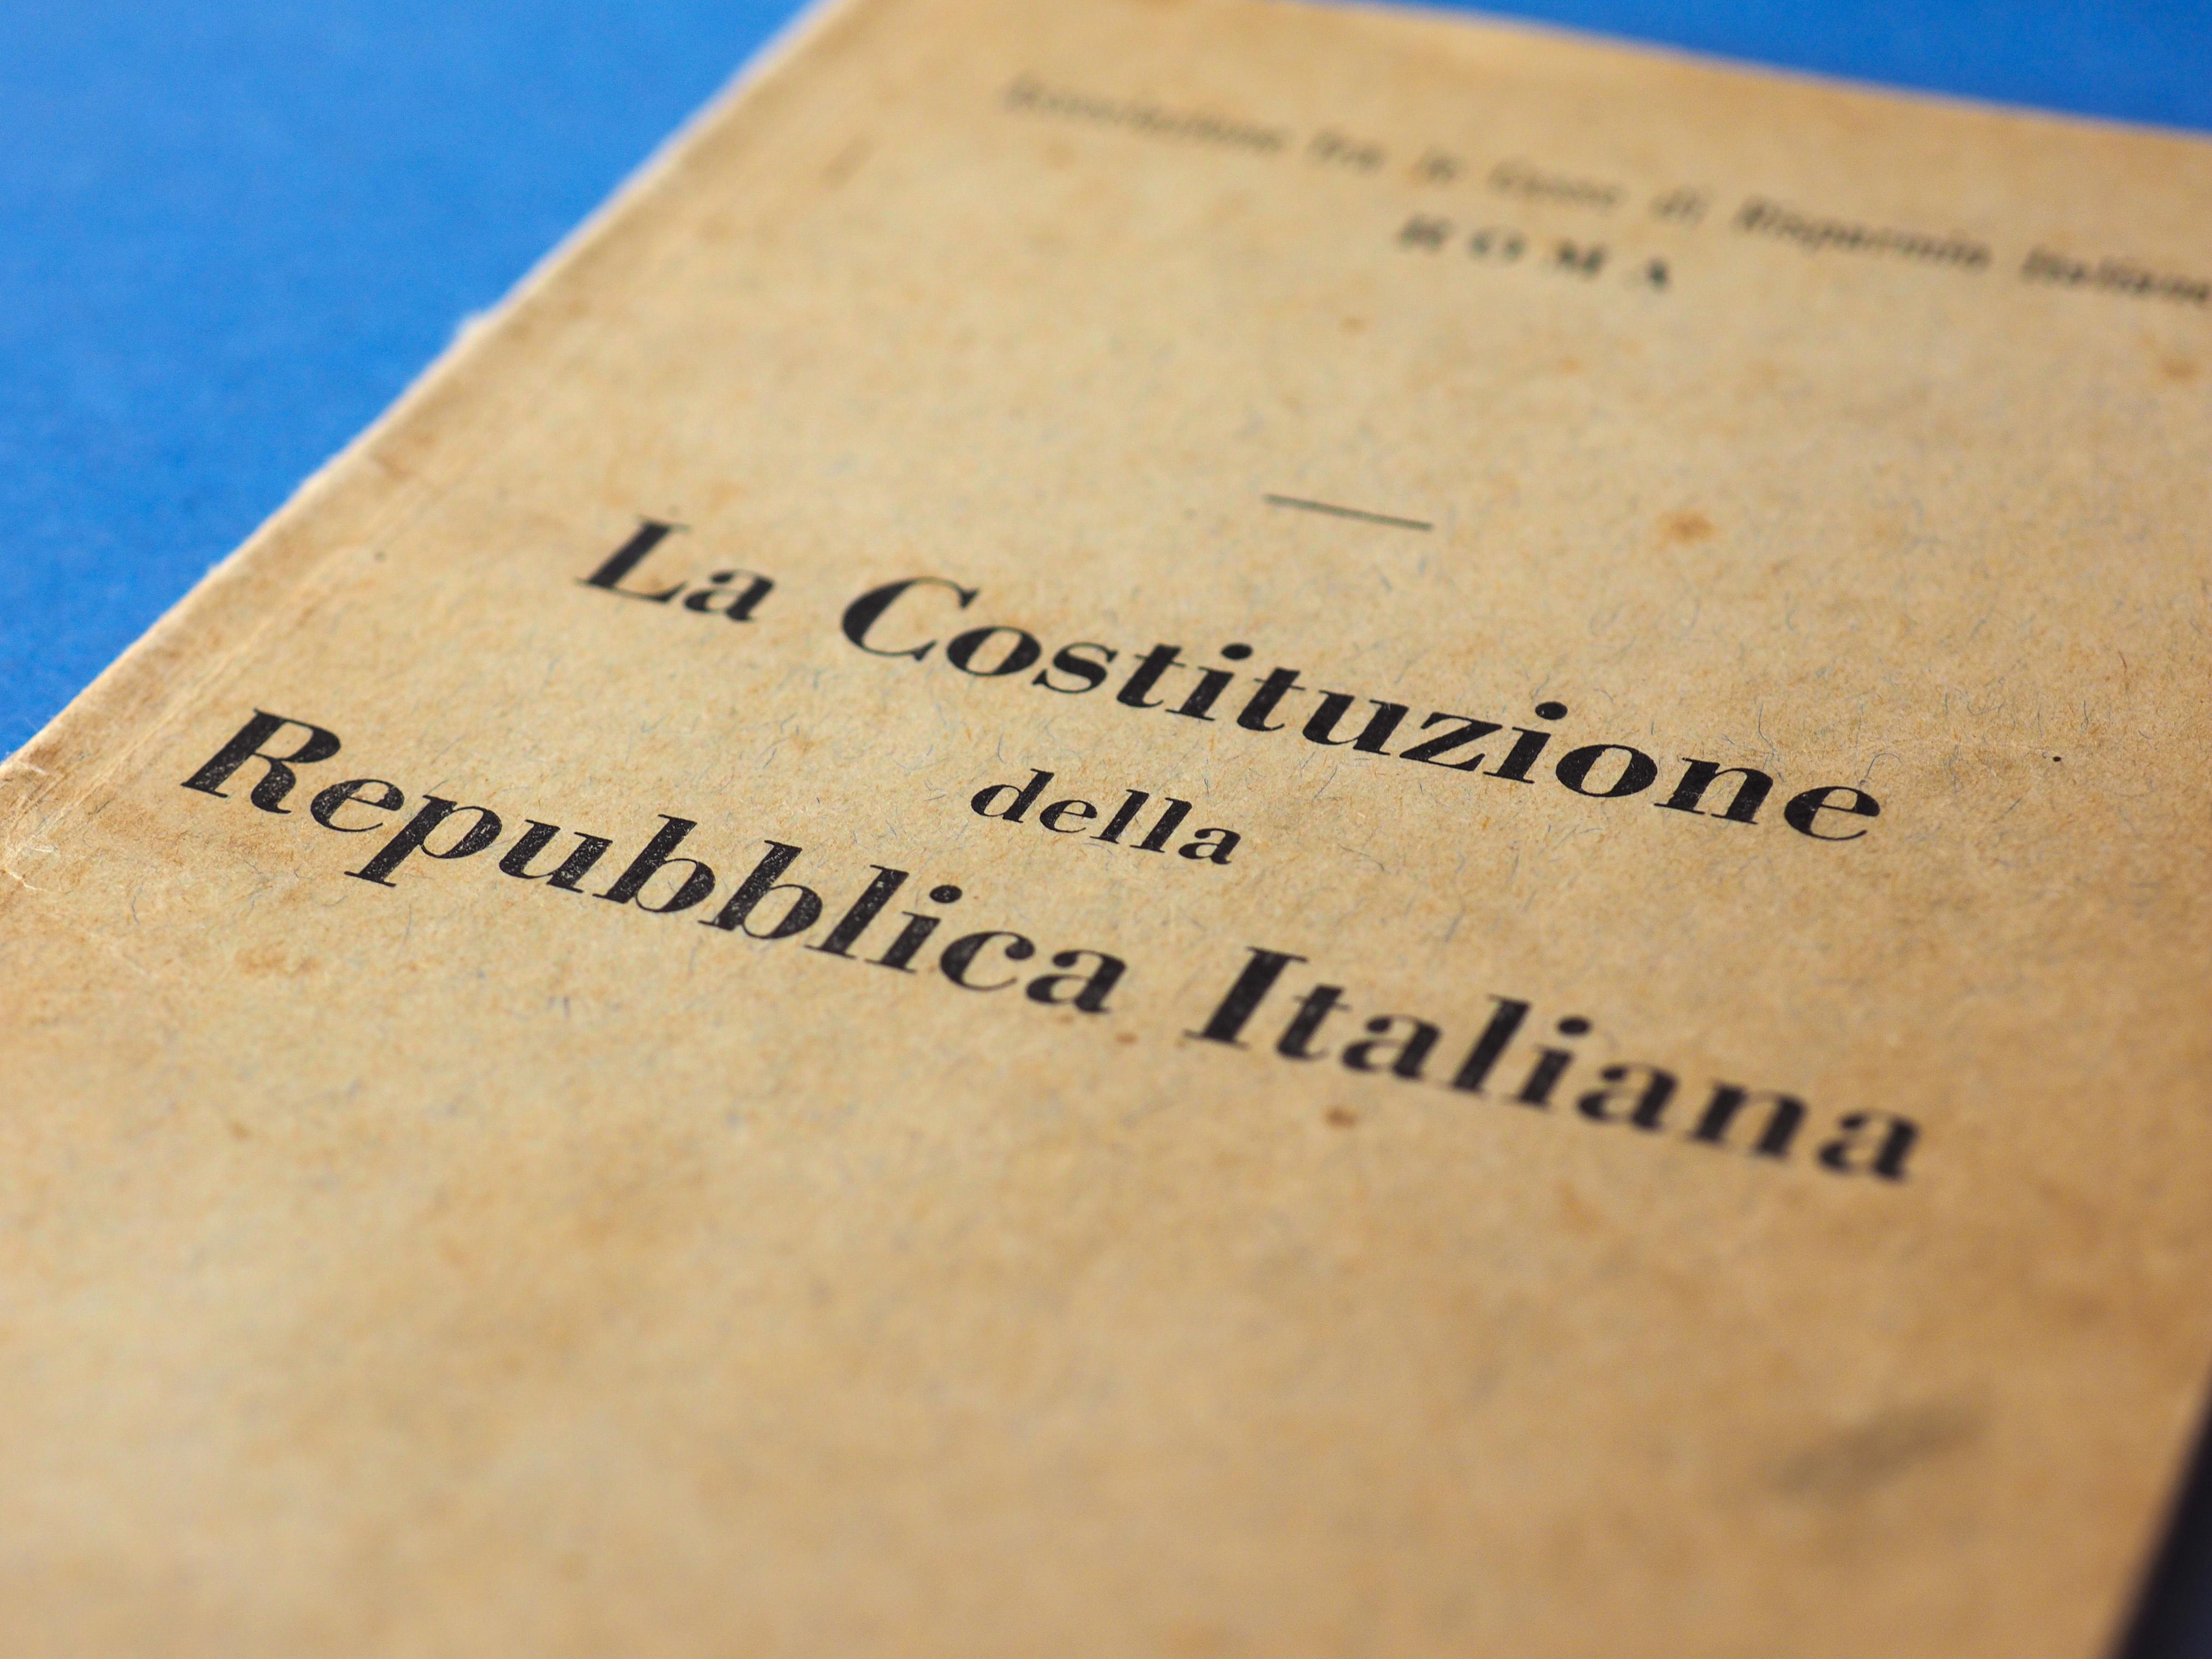 L'associazione ContiamoCi! a Giani: «Perché soffocare legittime perplessità in maniera semplicistica, arbitraria e prepotente?»